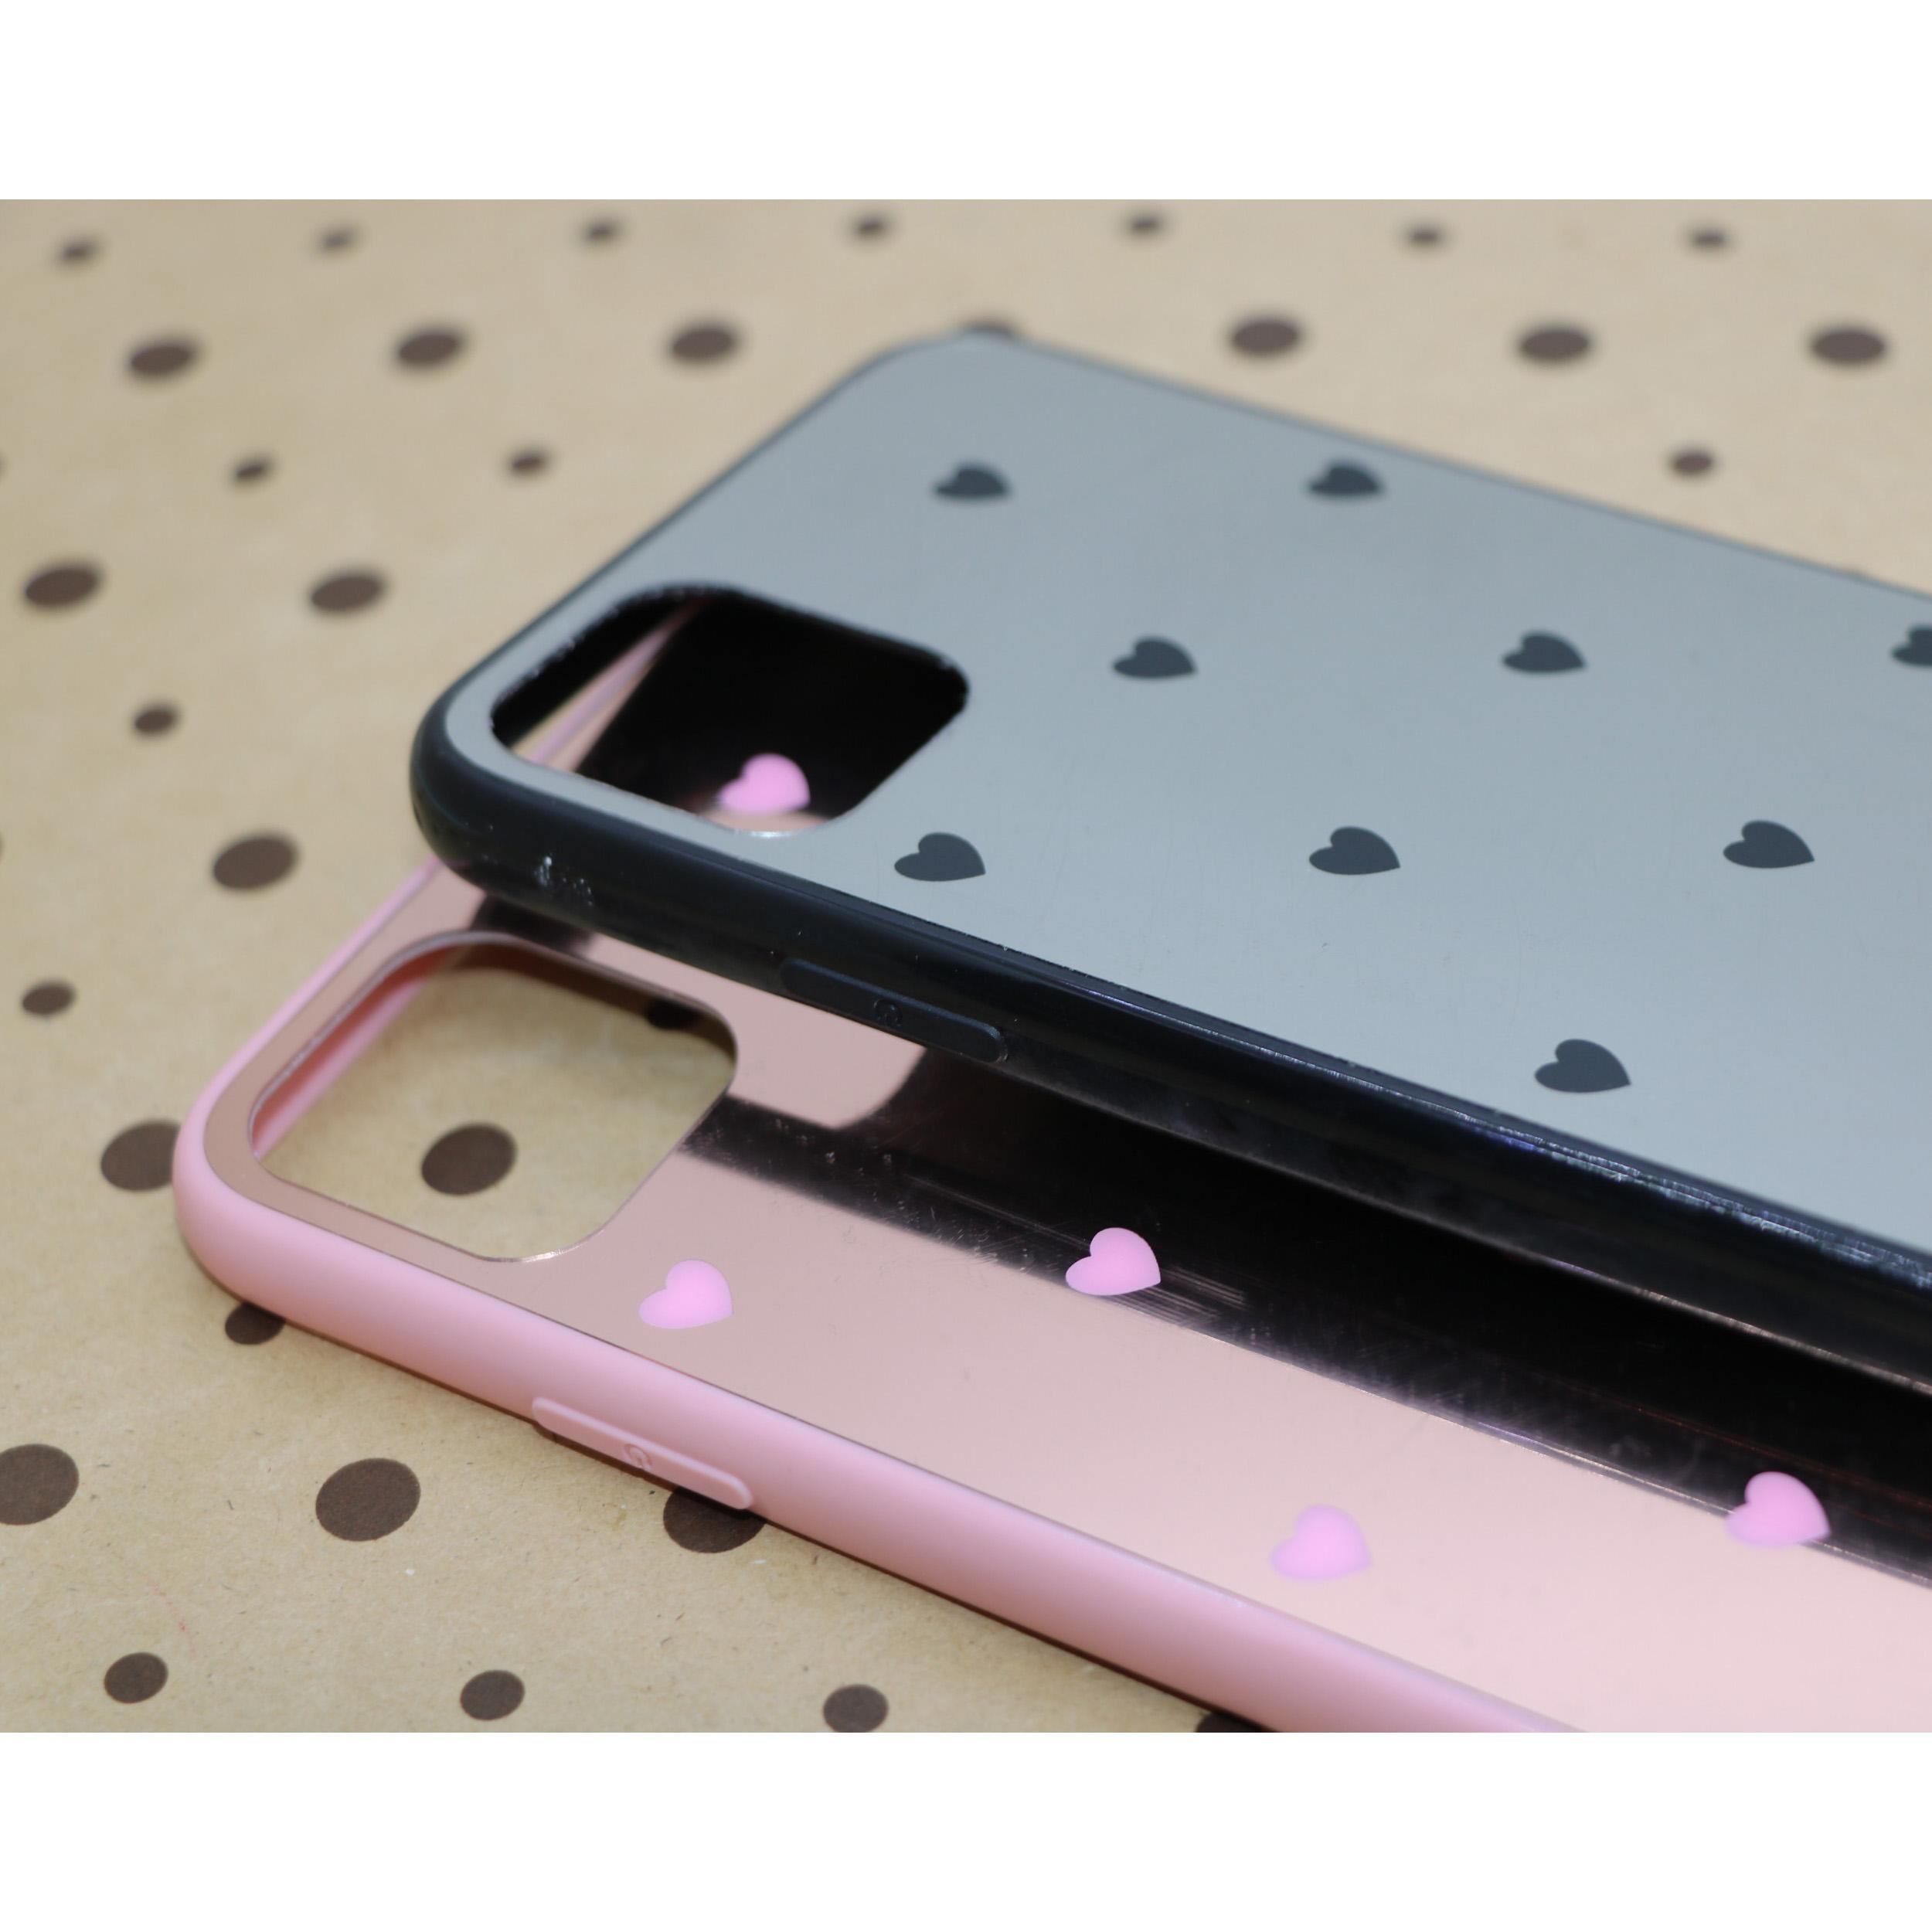 کاور طرح Heart مدل BH-01 مناسب برای گوشی موبایل اپل Iphone 11 به همراه نگهدارنده thumb 2